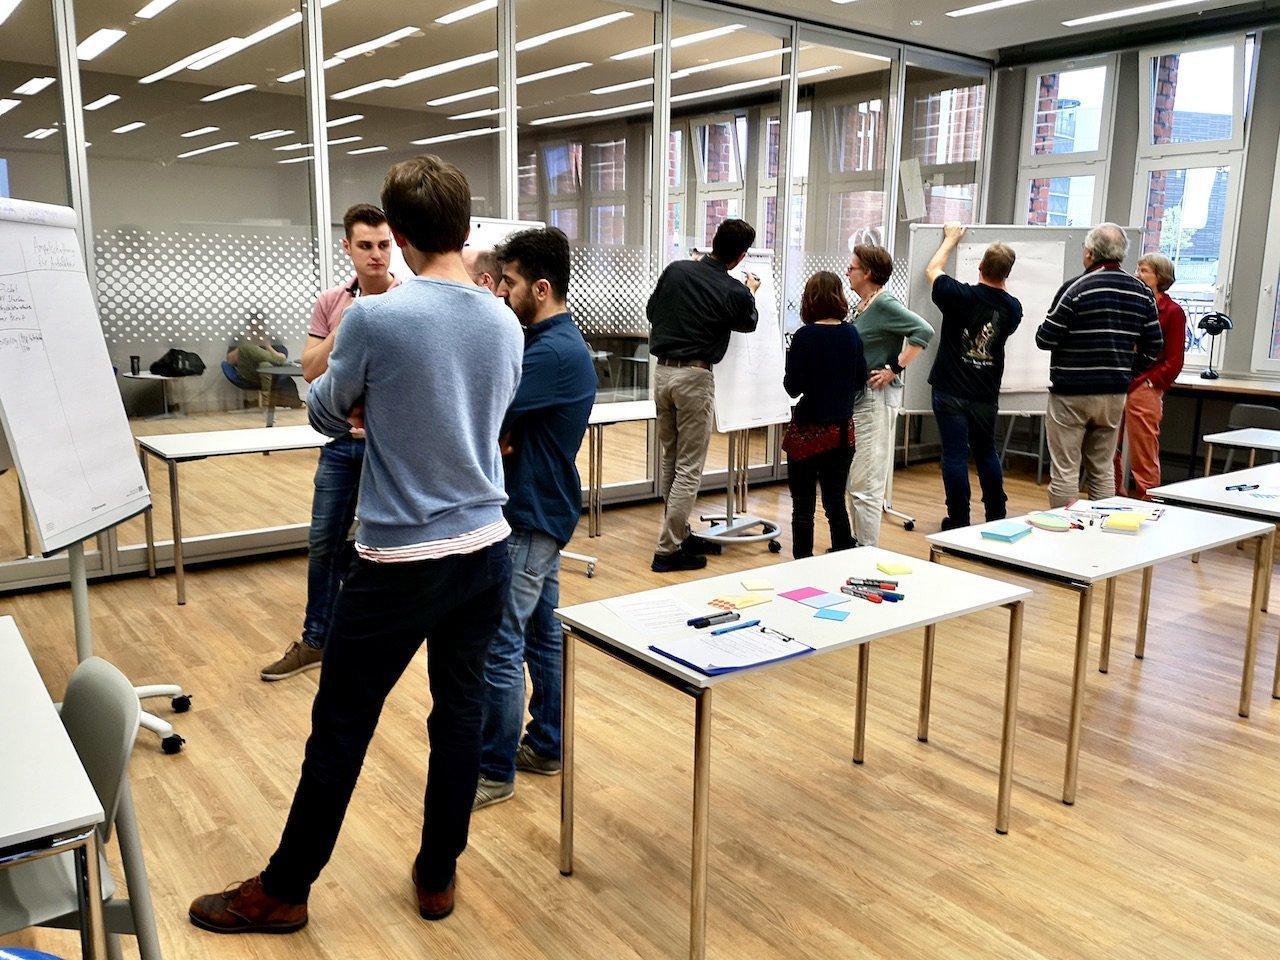 Arbeitsphase in der Hamburger Zentralbibliothek: Vier Gruppen stehen vor den Stellwänden und diskutieren